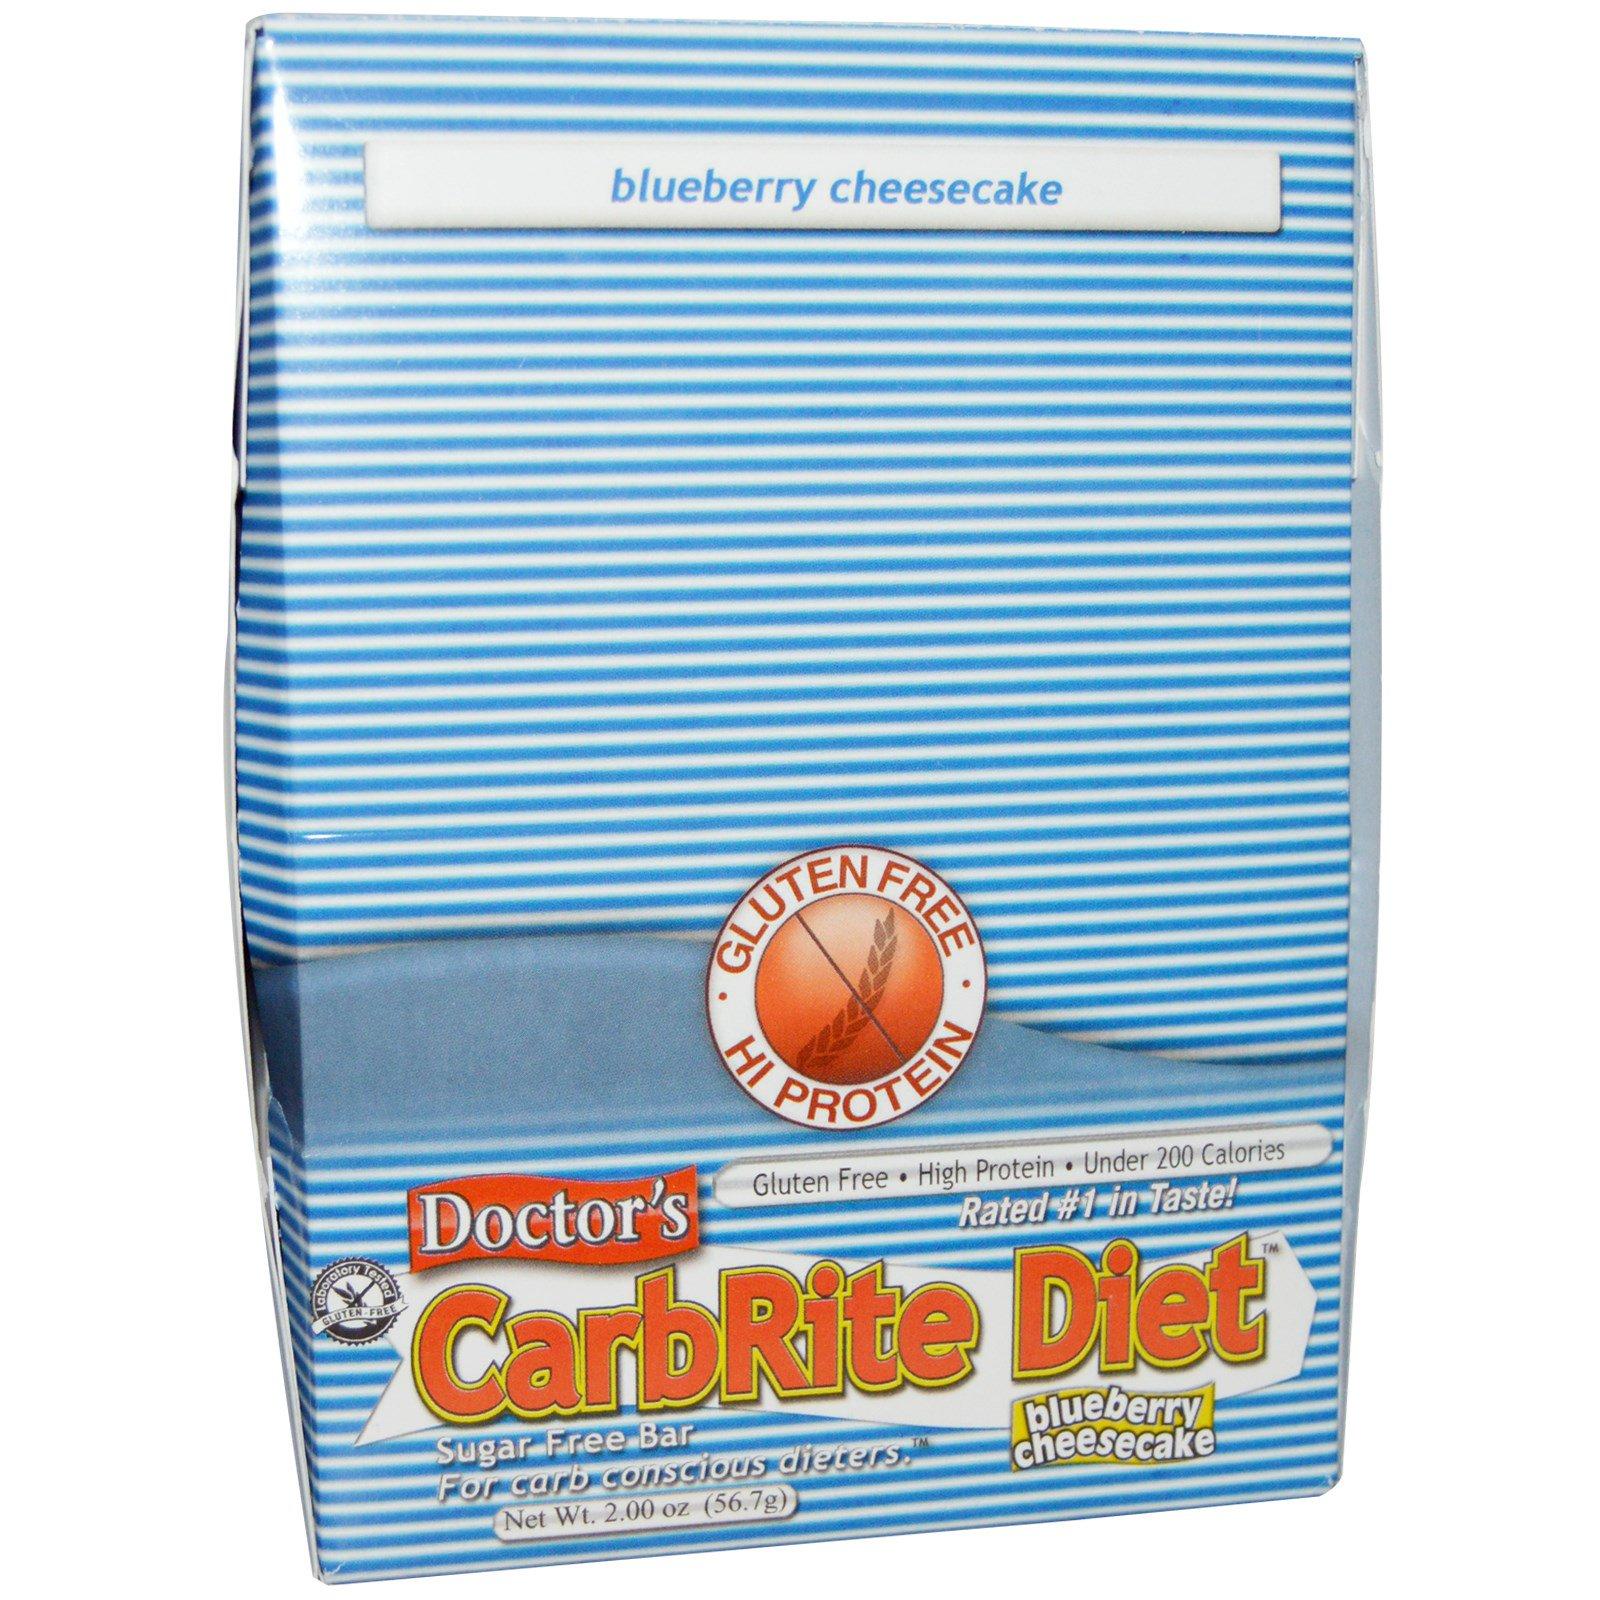 Universal Nutrition, Doctor's CarbRite Diet, черничный чизкейк, 12 плиток, по 2 унции (56,7 г) каждая